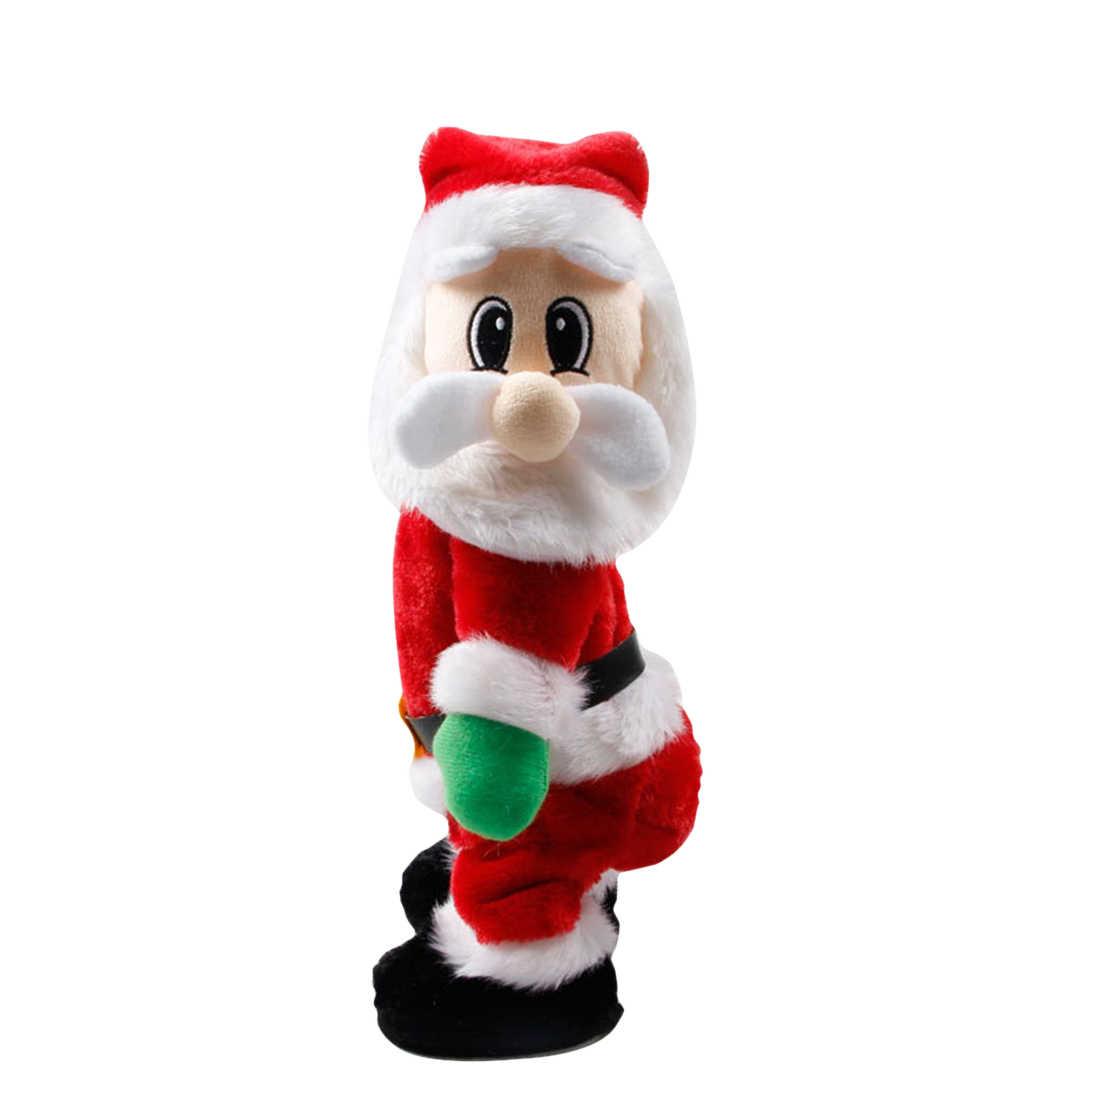 Рождество Электрический музыка игрушка Санта-Клаус кукла твист Санта Клаус для вечерние праздник DIY Рождество дома столовые принадлежности украшения